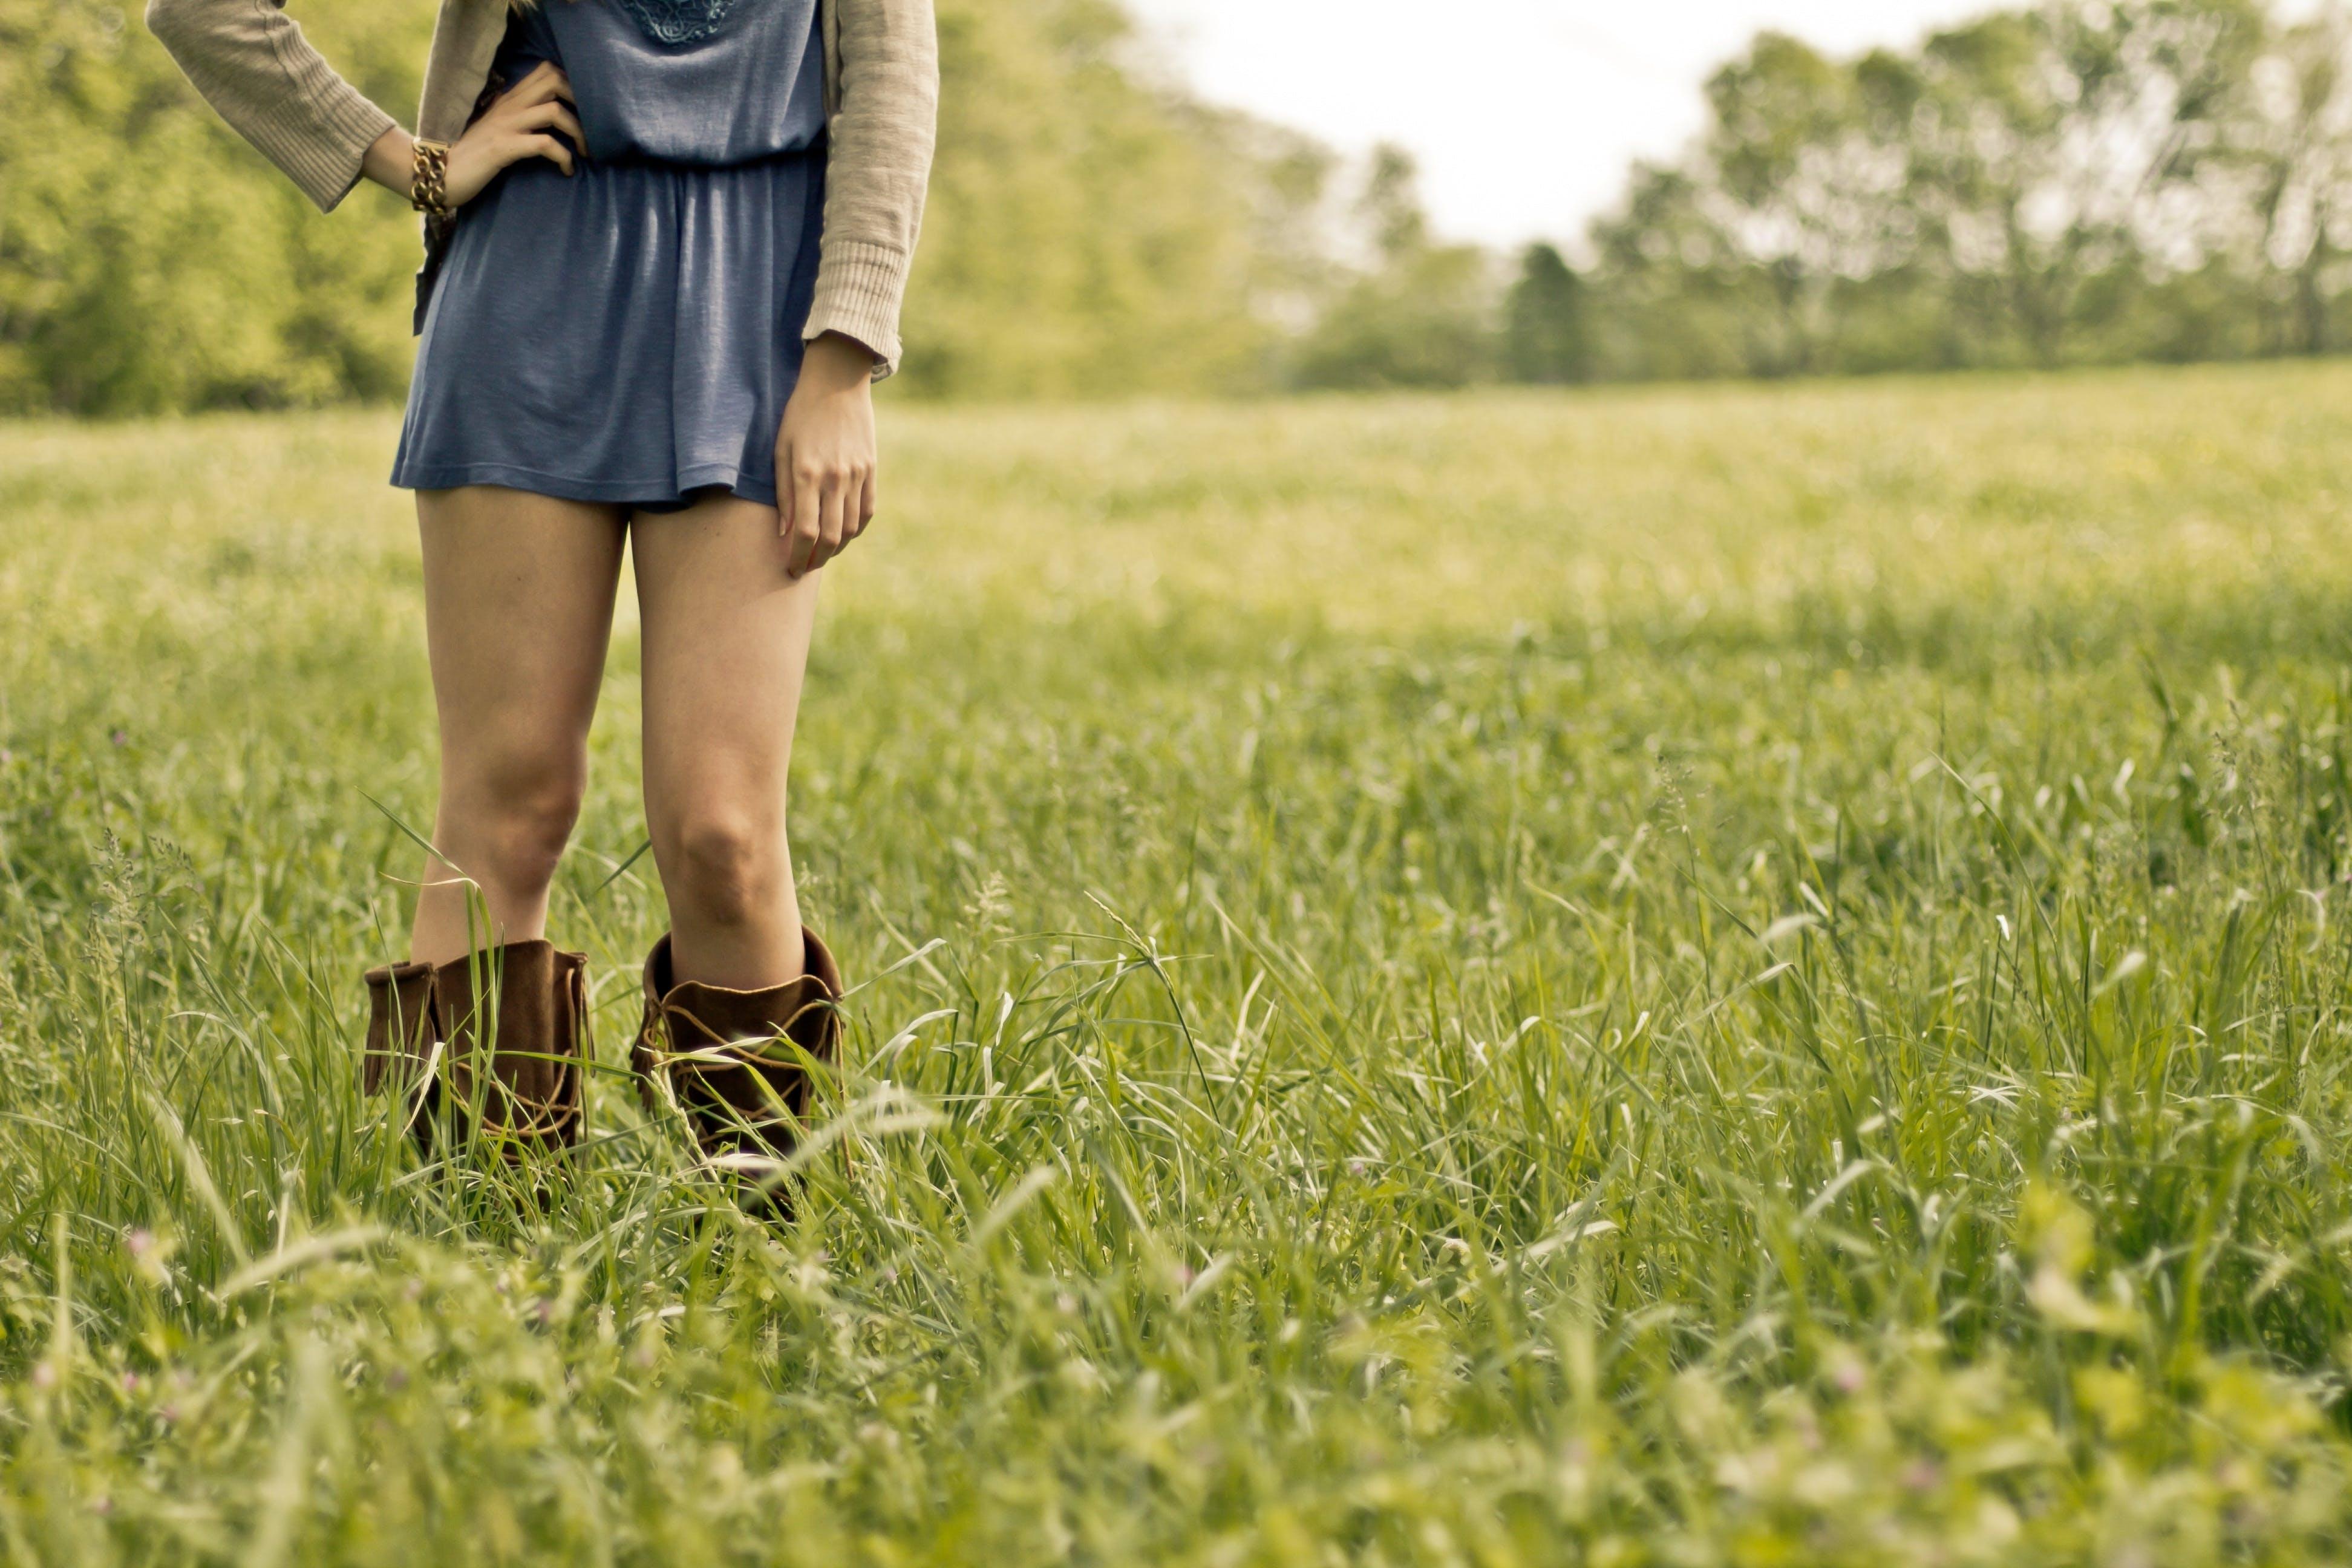 Gratis stockfoto met benen, gras, iemand, laarzen